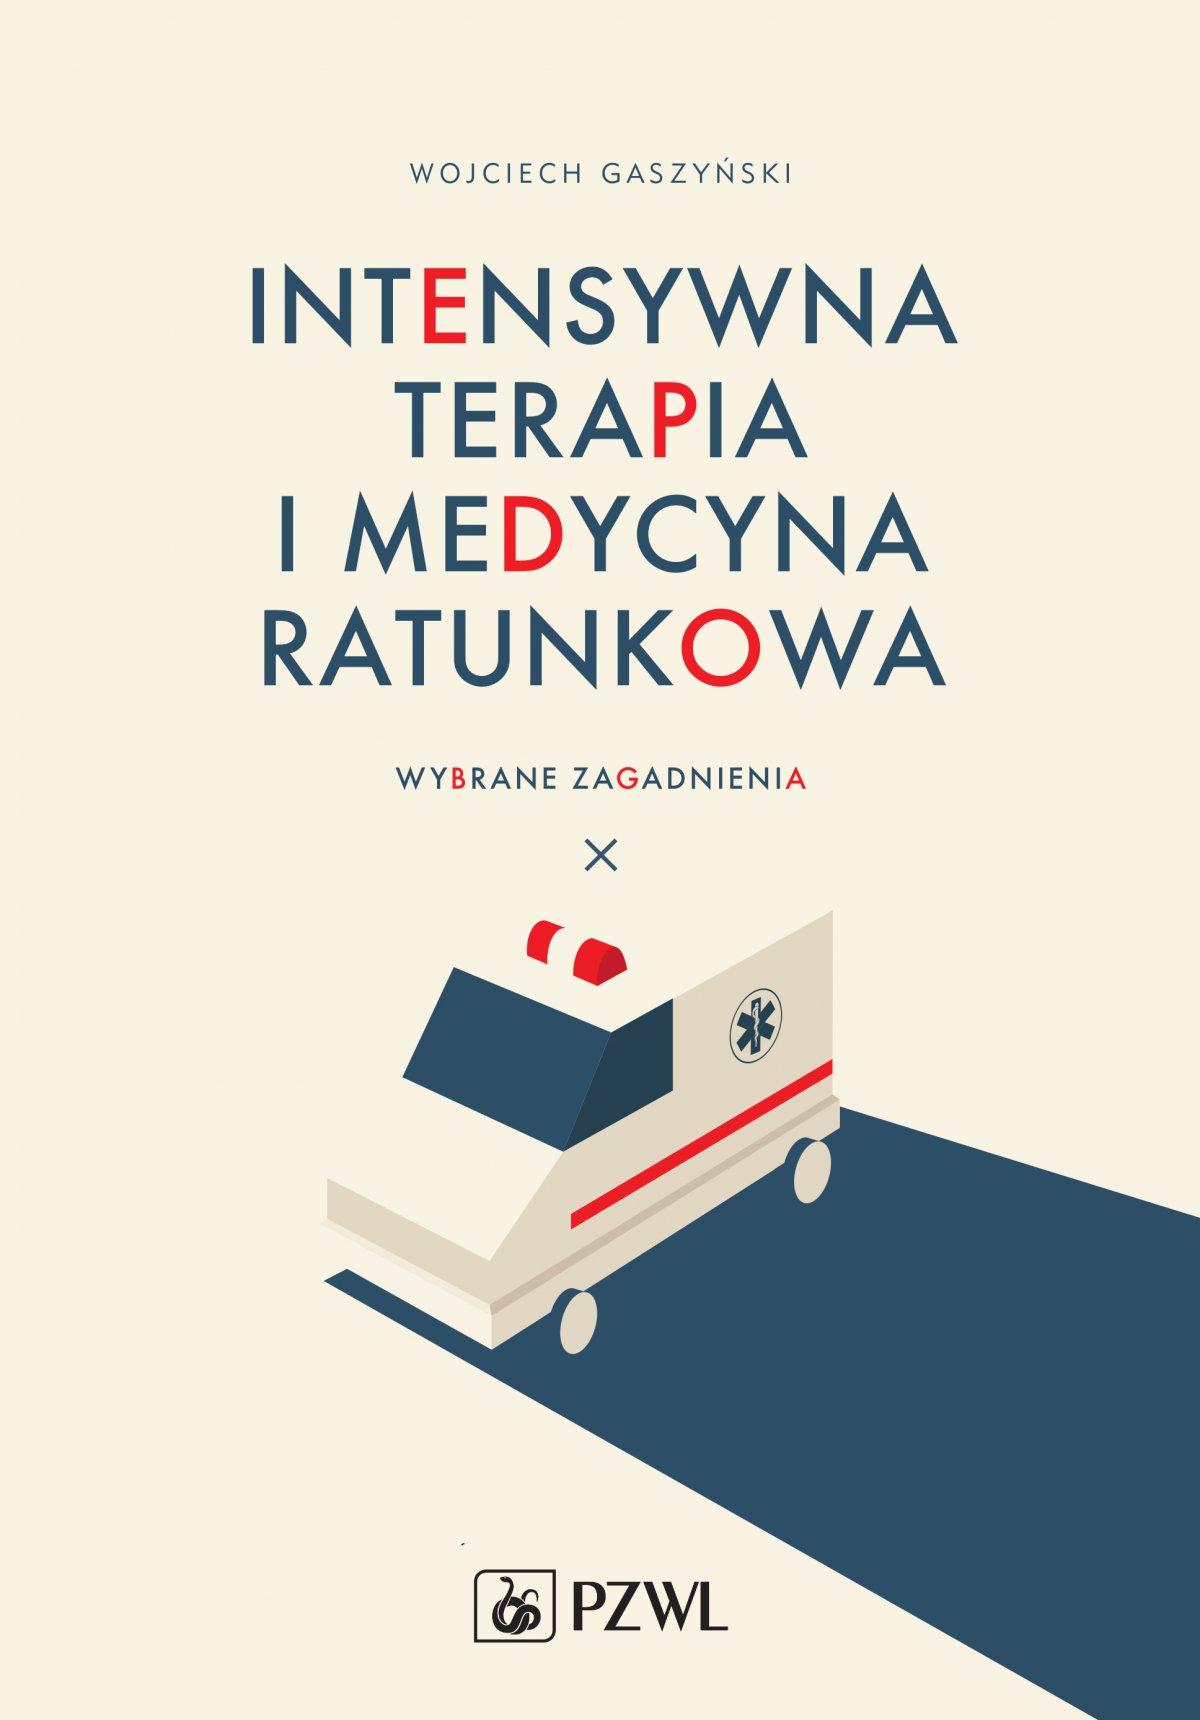 Intensywna terapia i medycyna ratunkowa. Wybrane zagadnienia - Ebook (Książka na Kindle) do pobrania w formacie MOBI